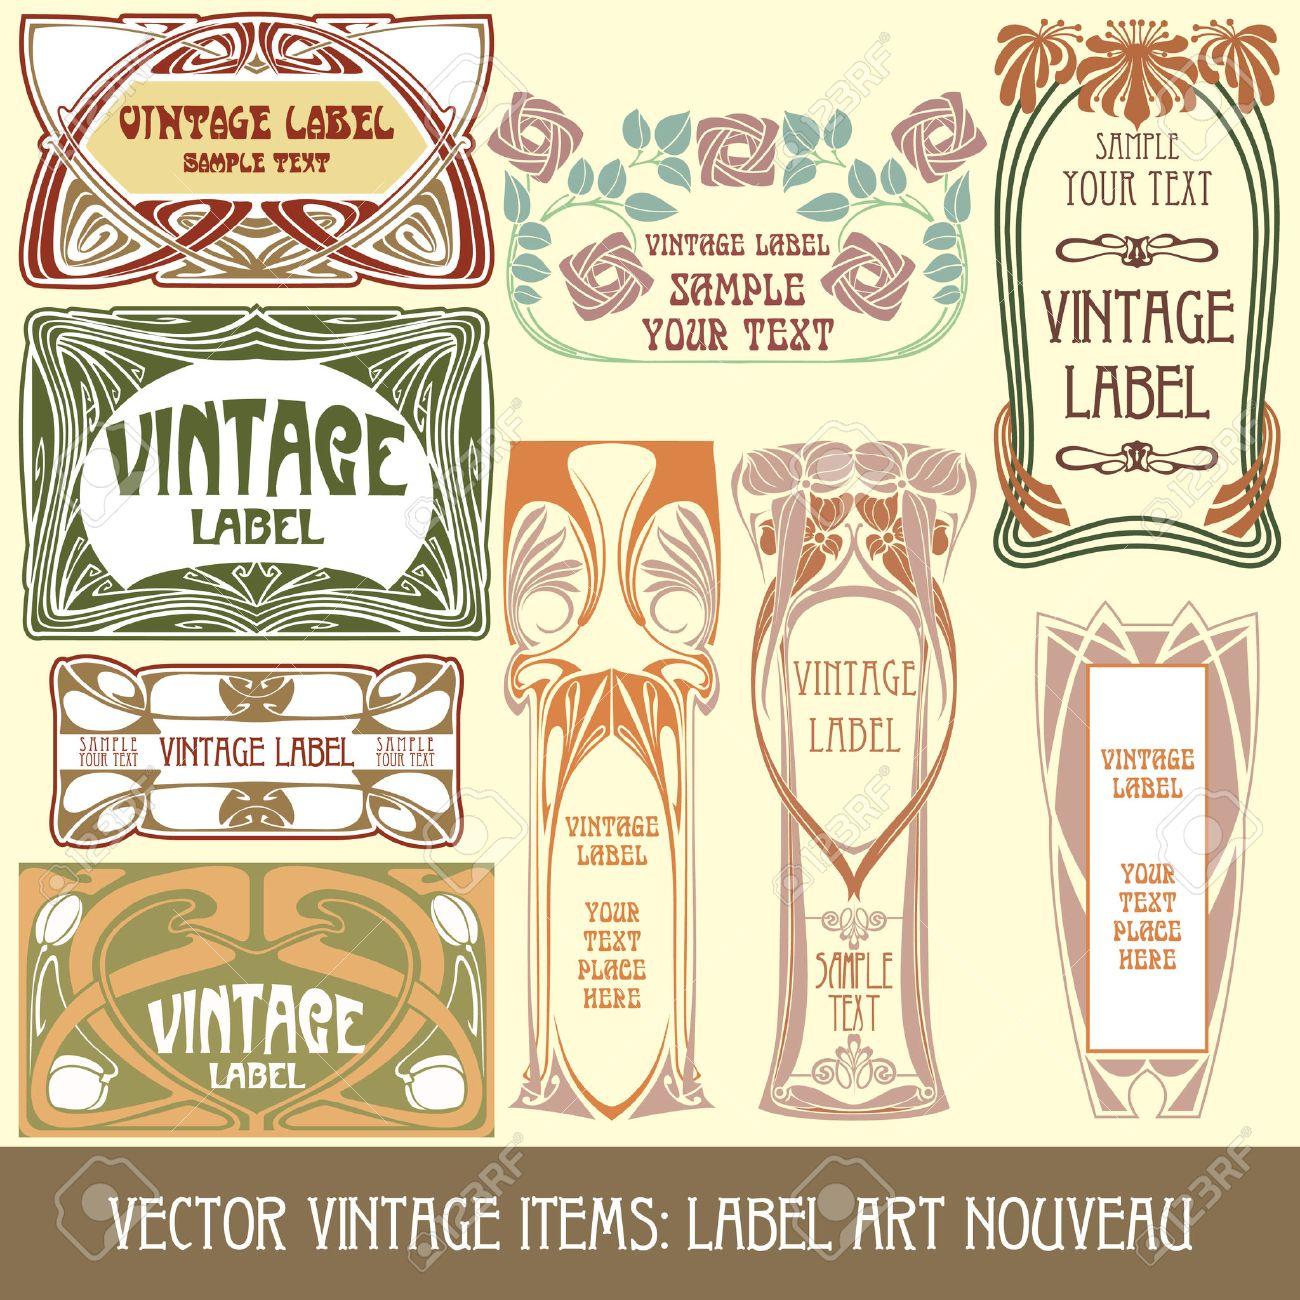 vector vintage items: label art nouveau Stock Vector - 8621440